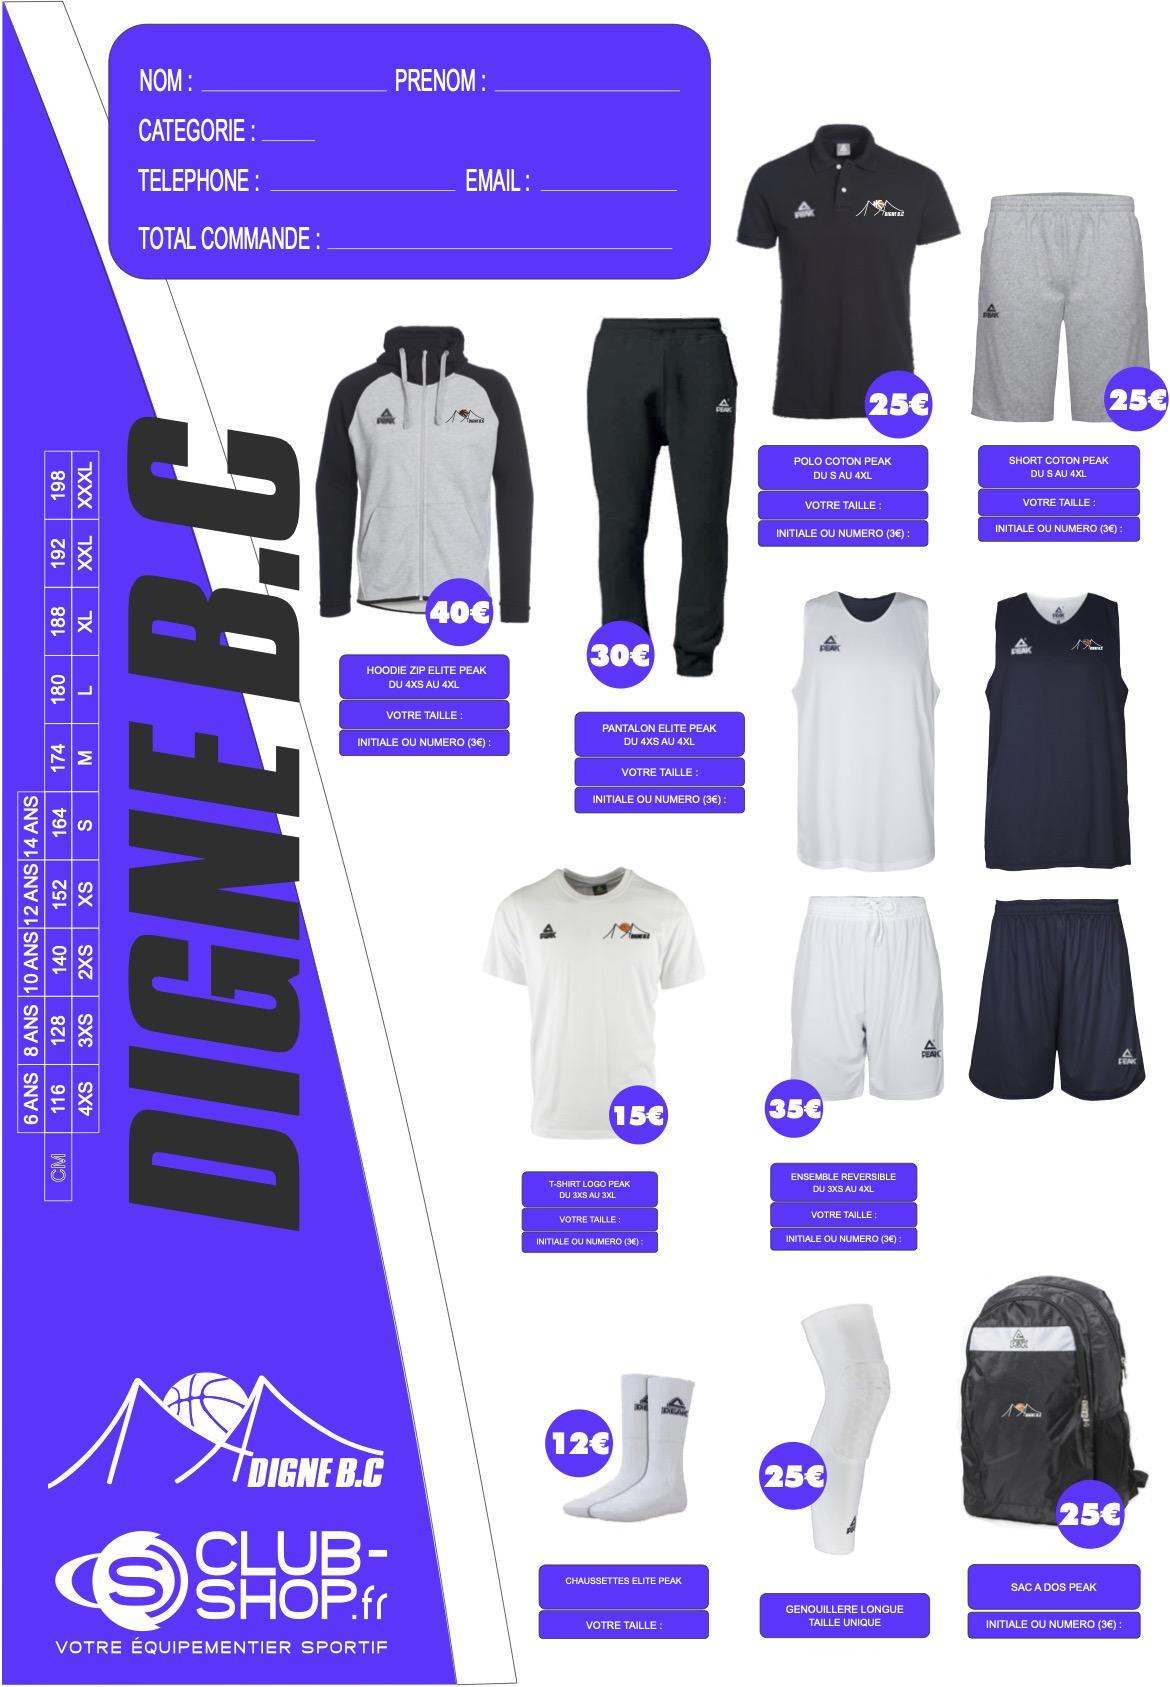 Flyer de la Boutique du Digne Basket Club